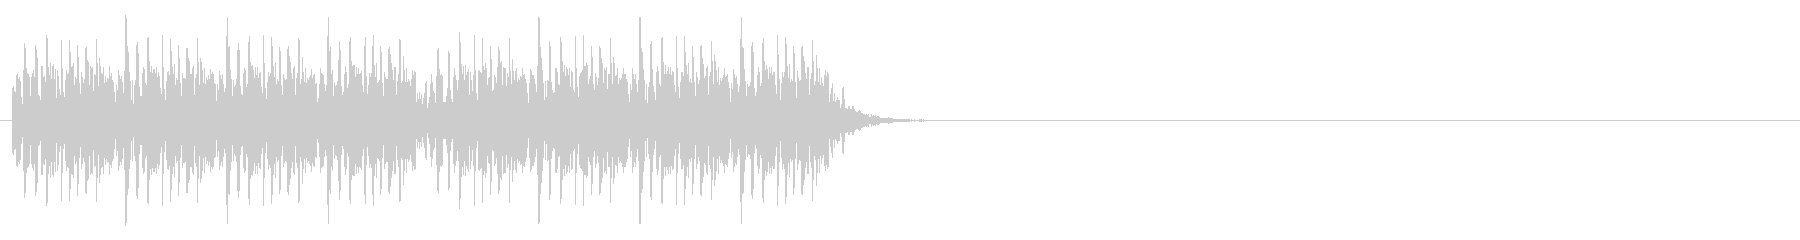 強いノイズ音の未再生の波形